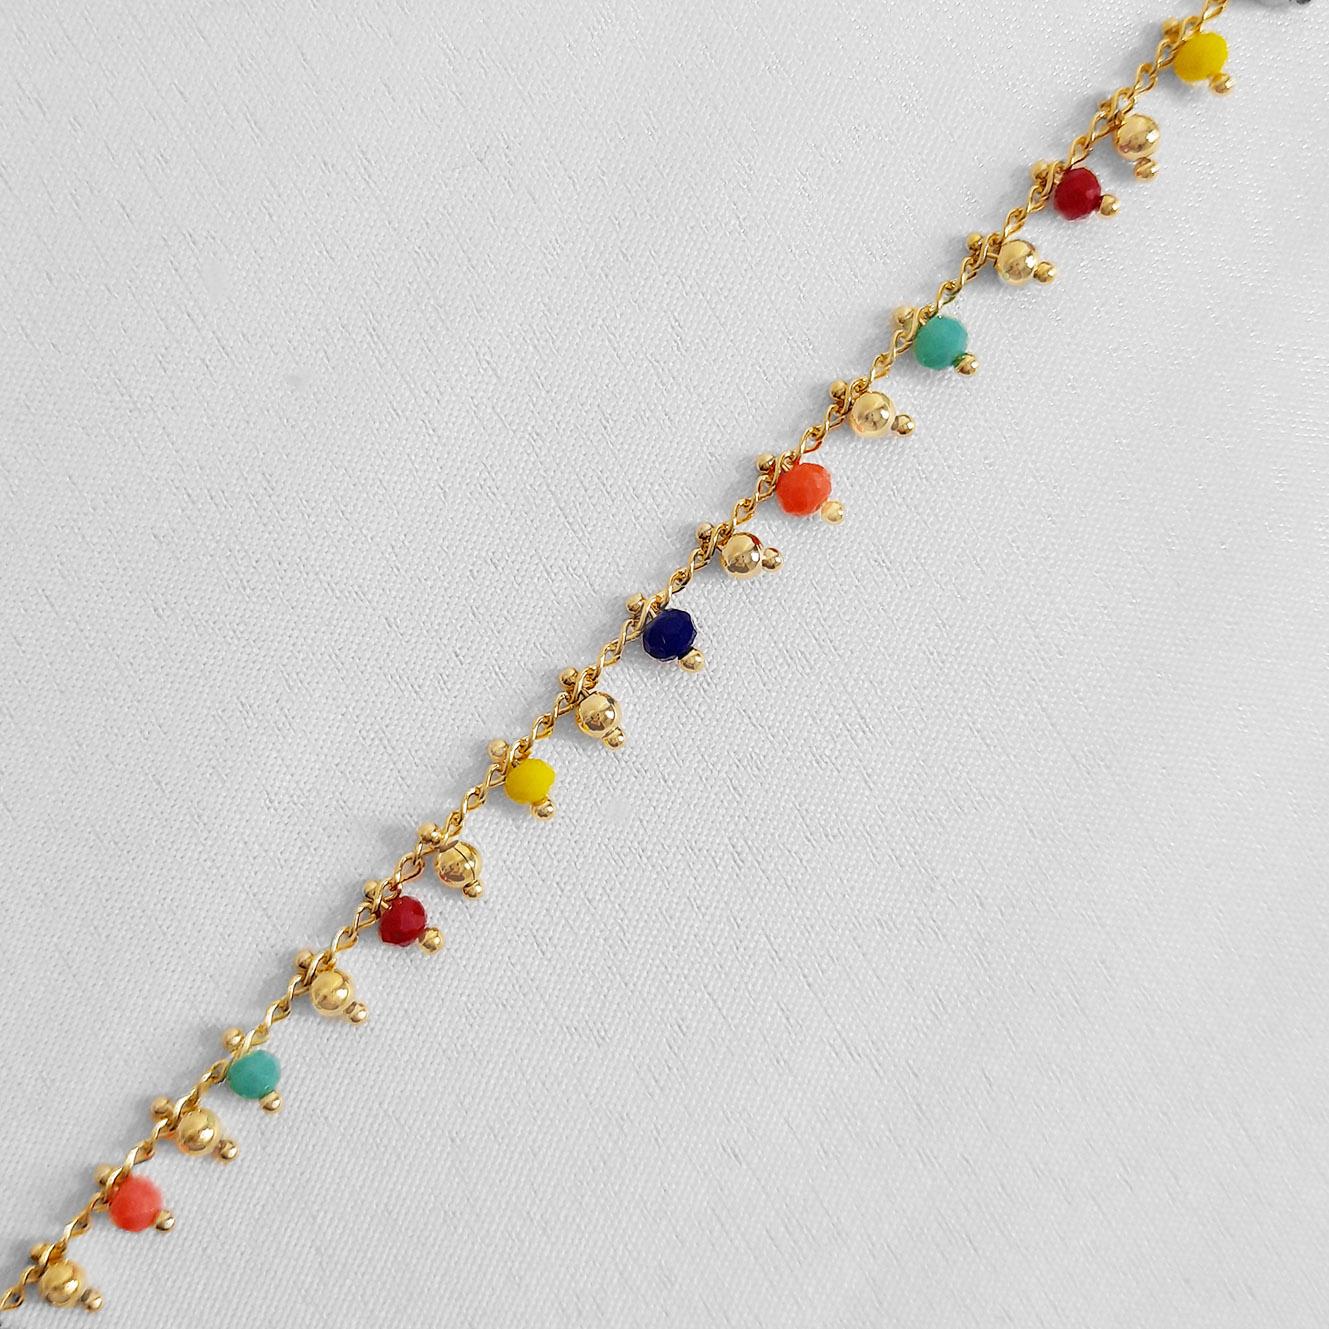 Pulseira Infantil Miçangas Coloridas Folheada Ouro 18K  - Lunozê Joias